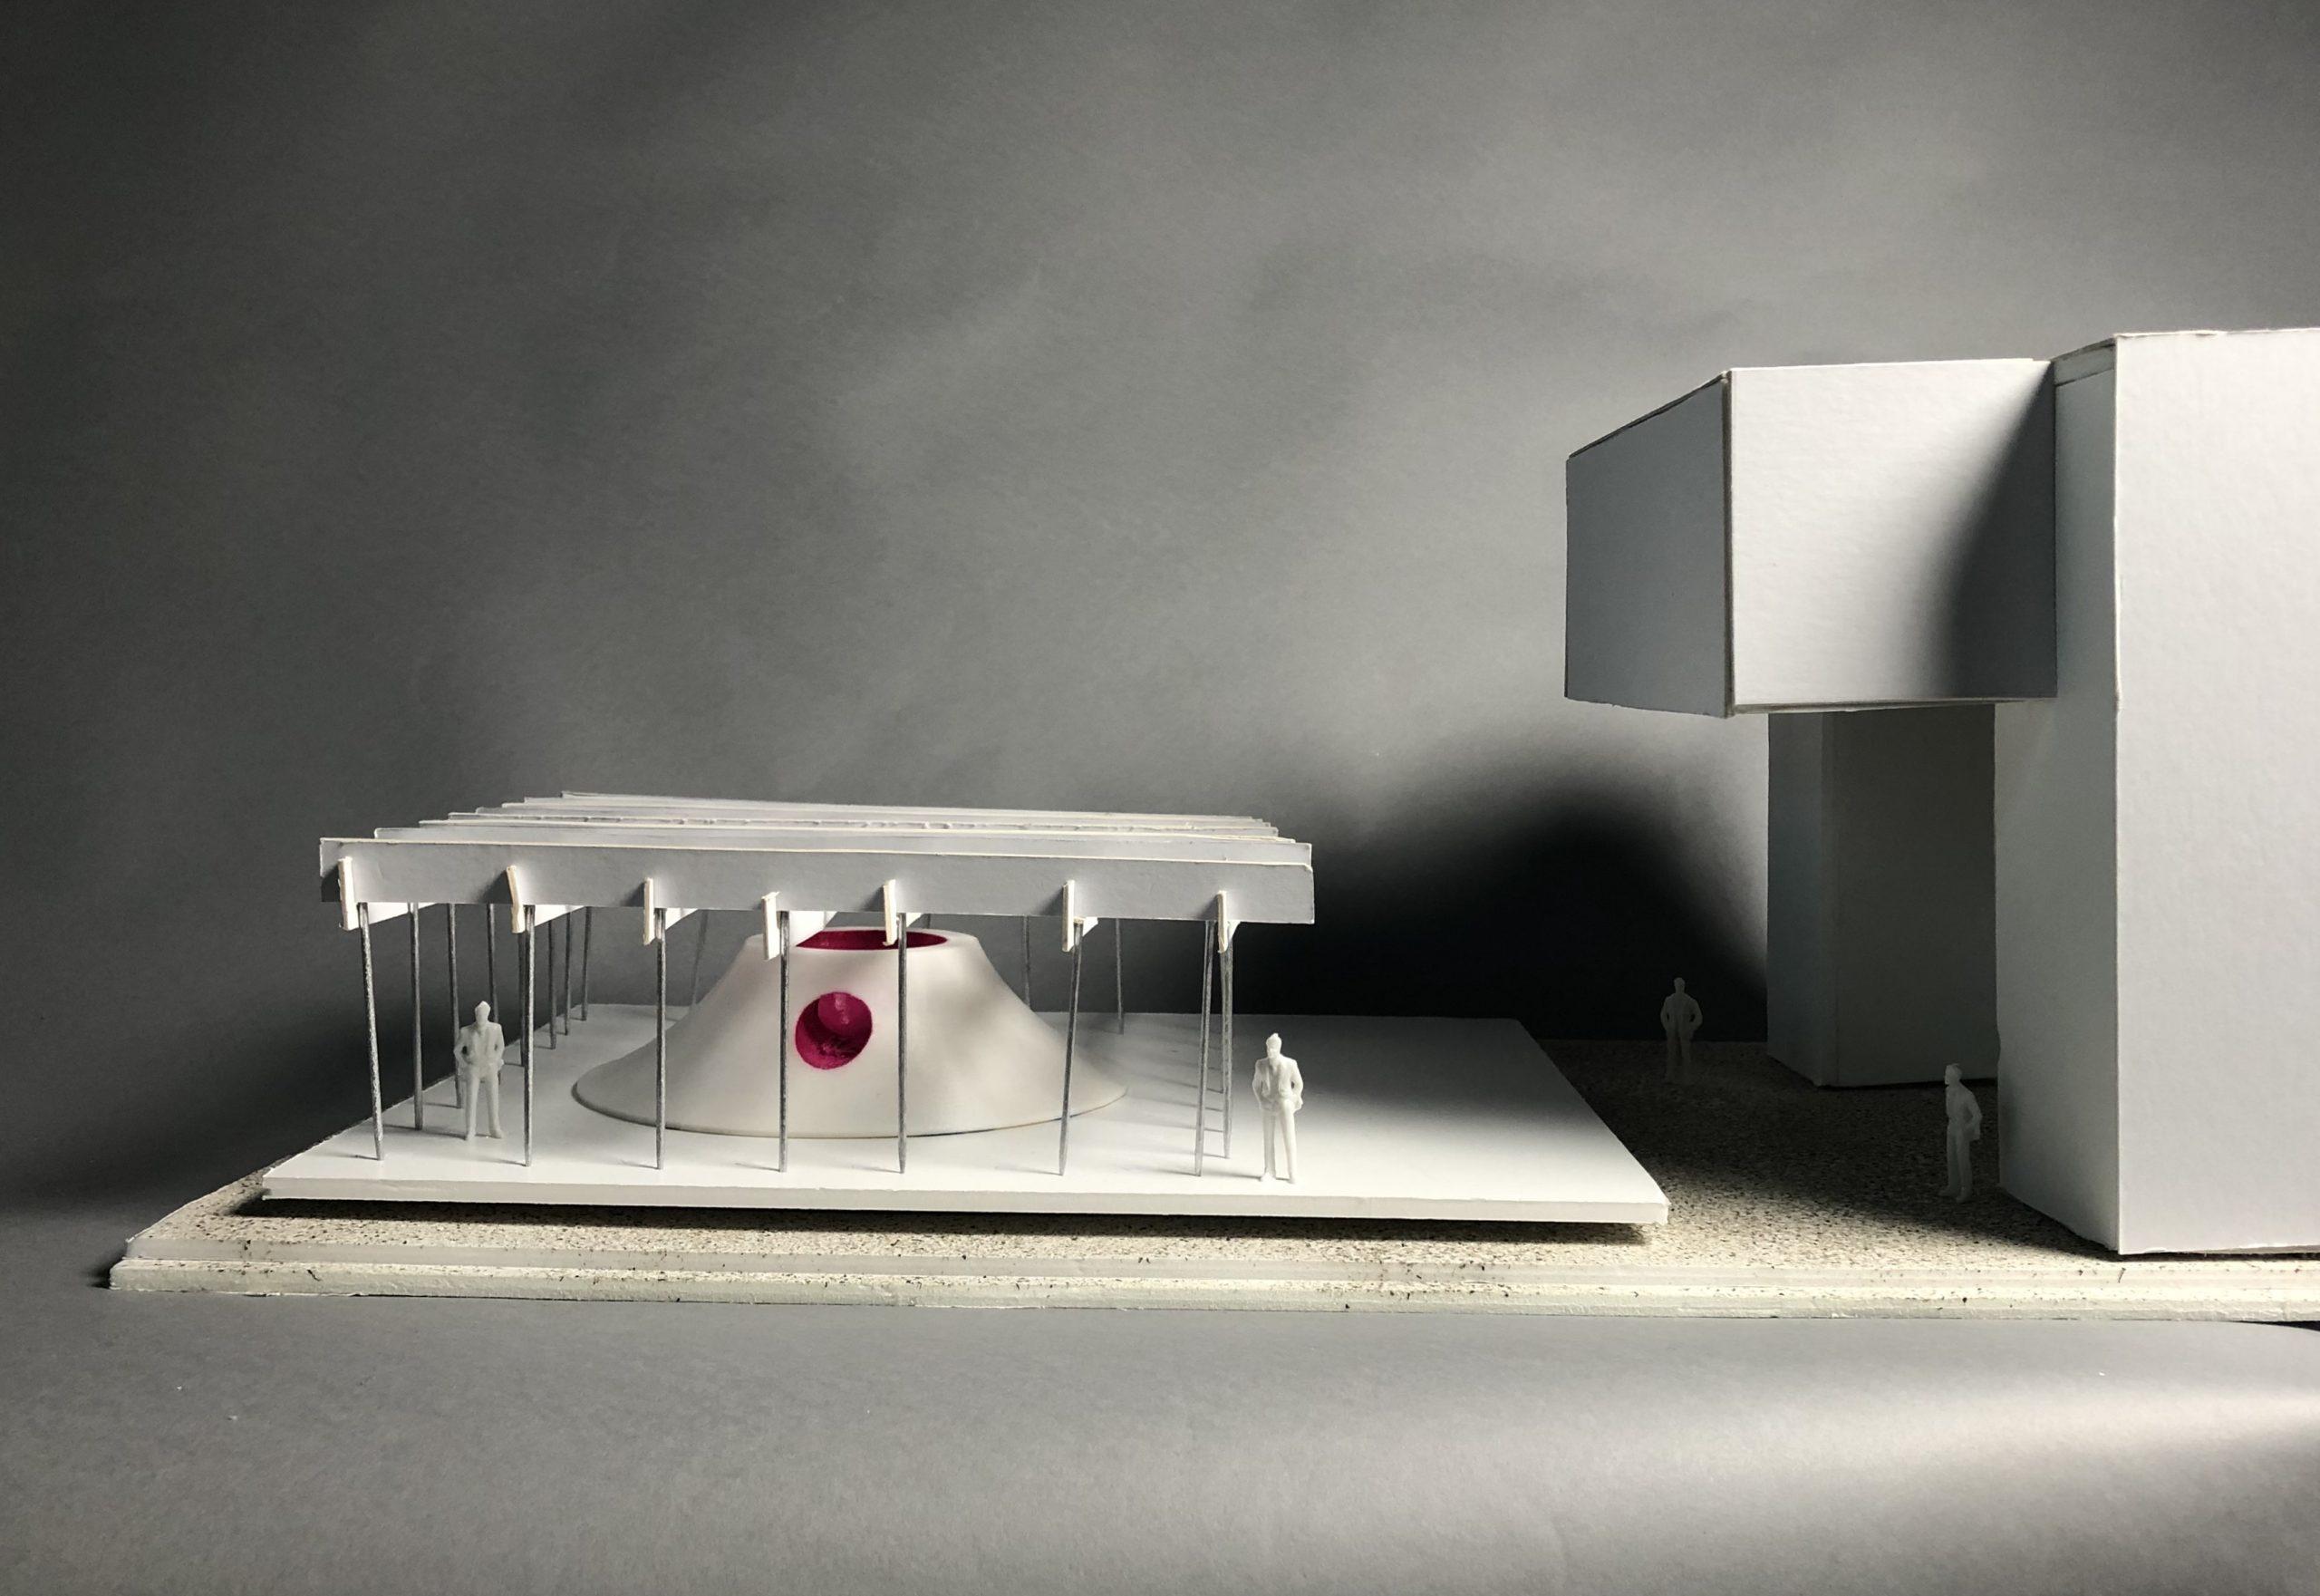 Model of Floating Pavilion